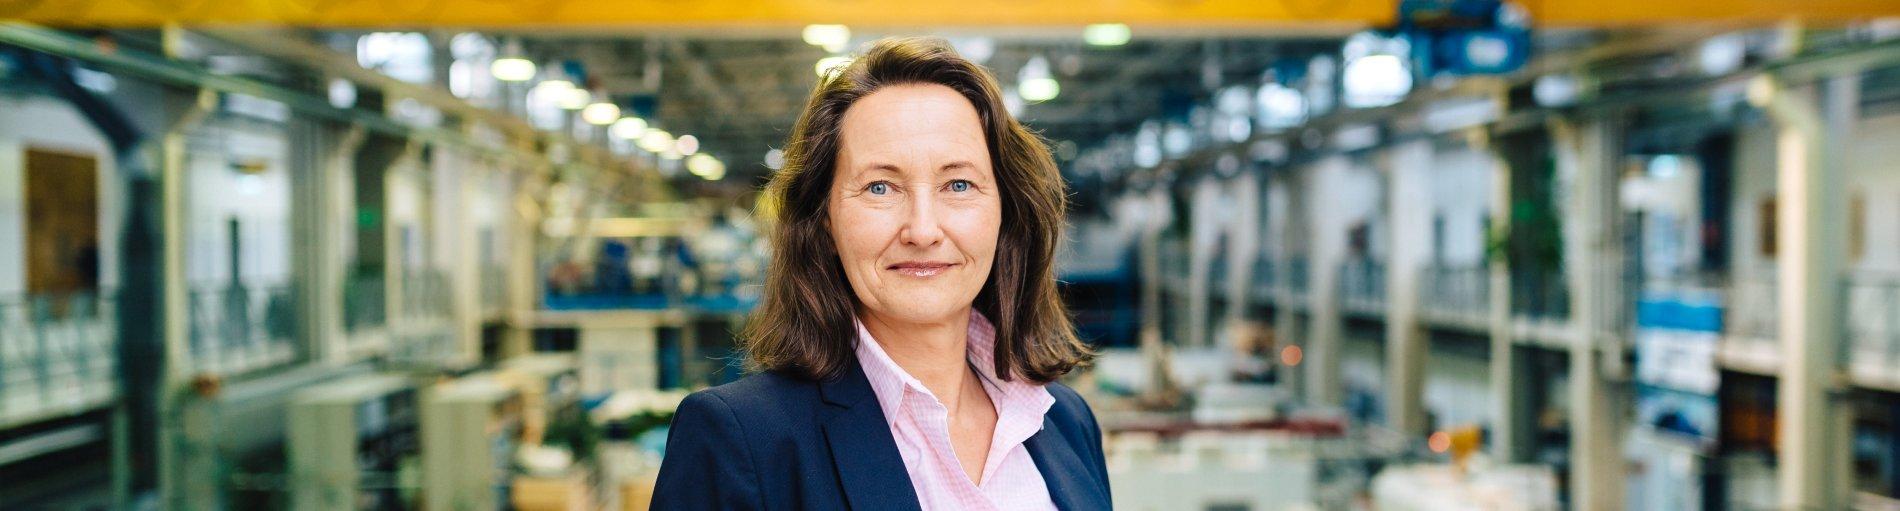 Eine Frau in einer Produktionshalle